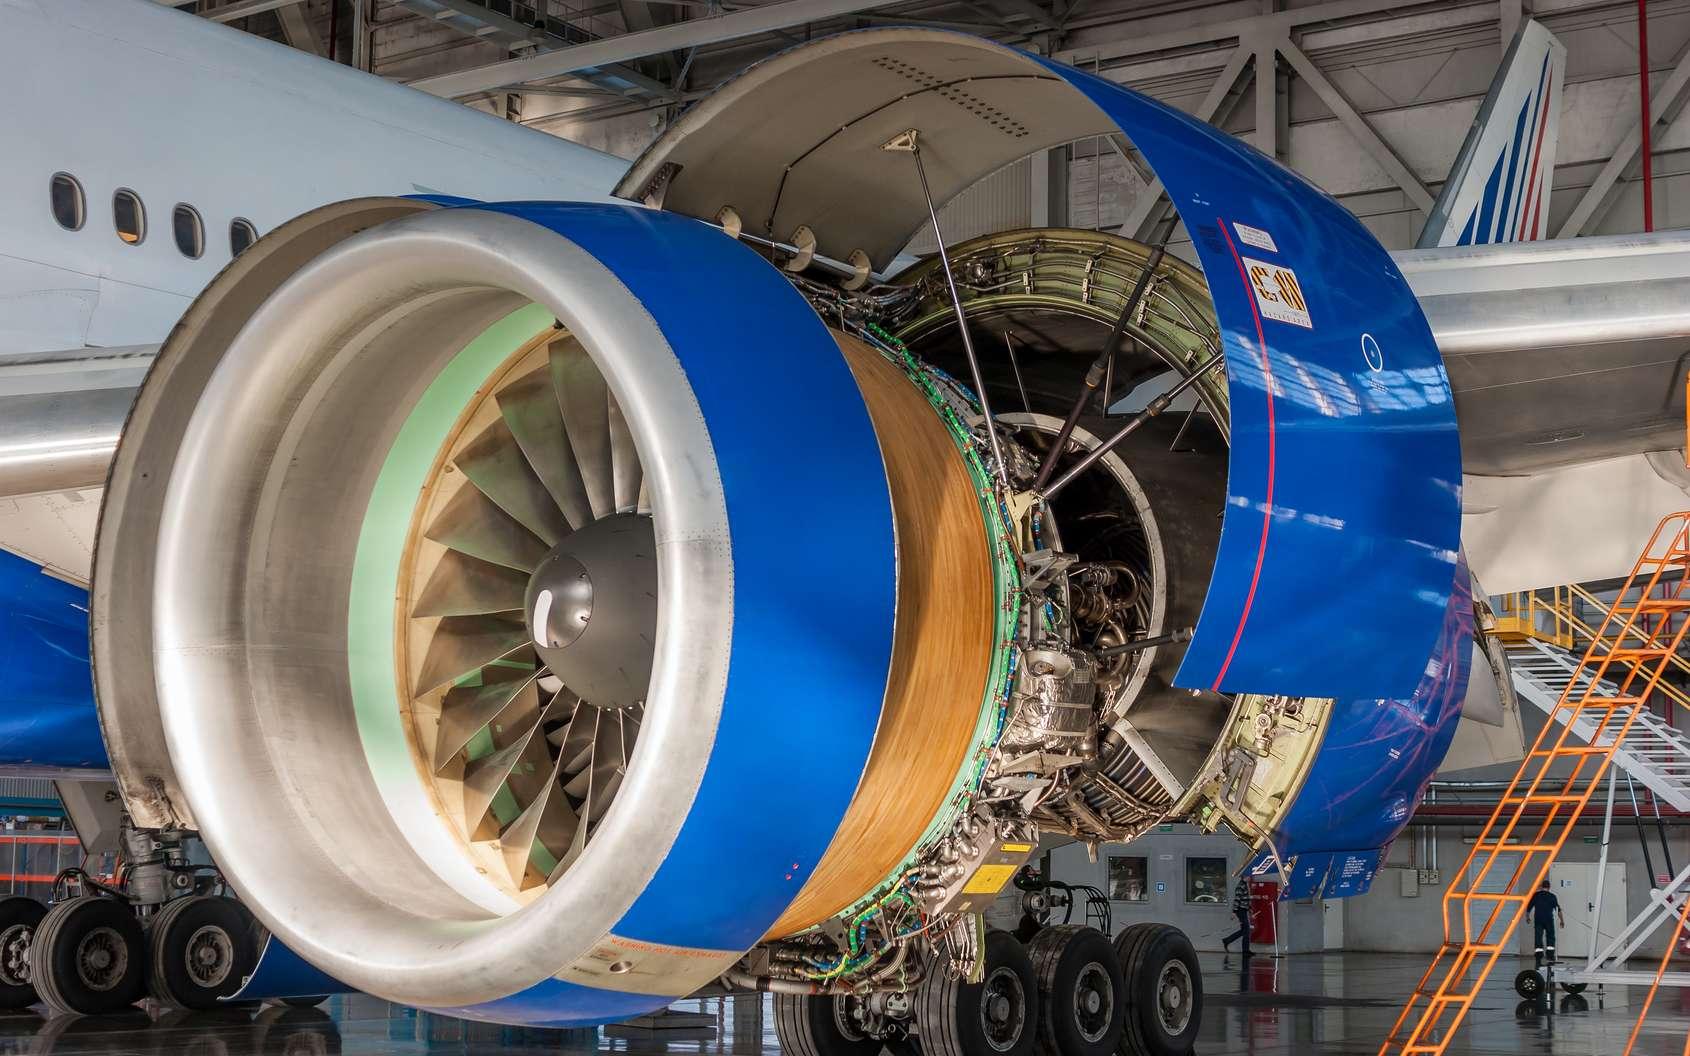 L'ajusteur-monteur aéronautique assemble et fixe des pièces ou parties d'avions ou d'aéronefs. © alhim, Fotolia.